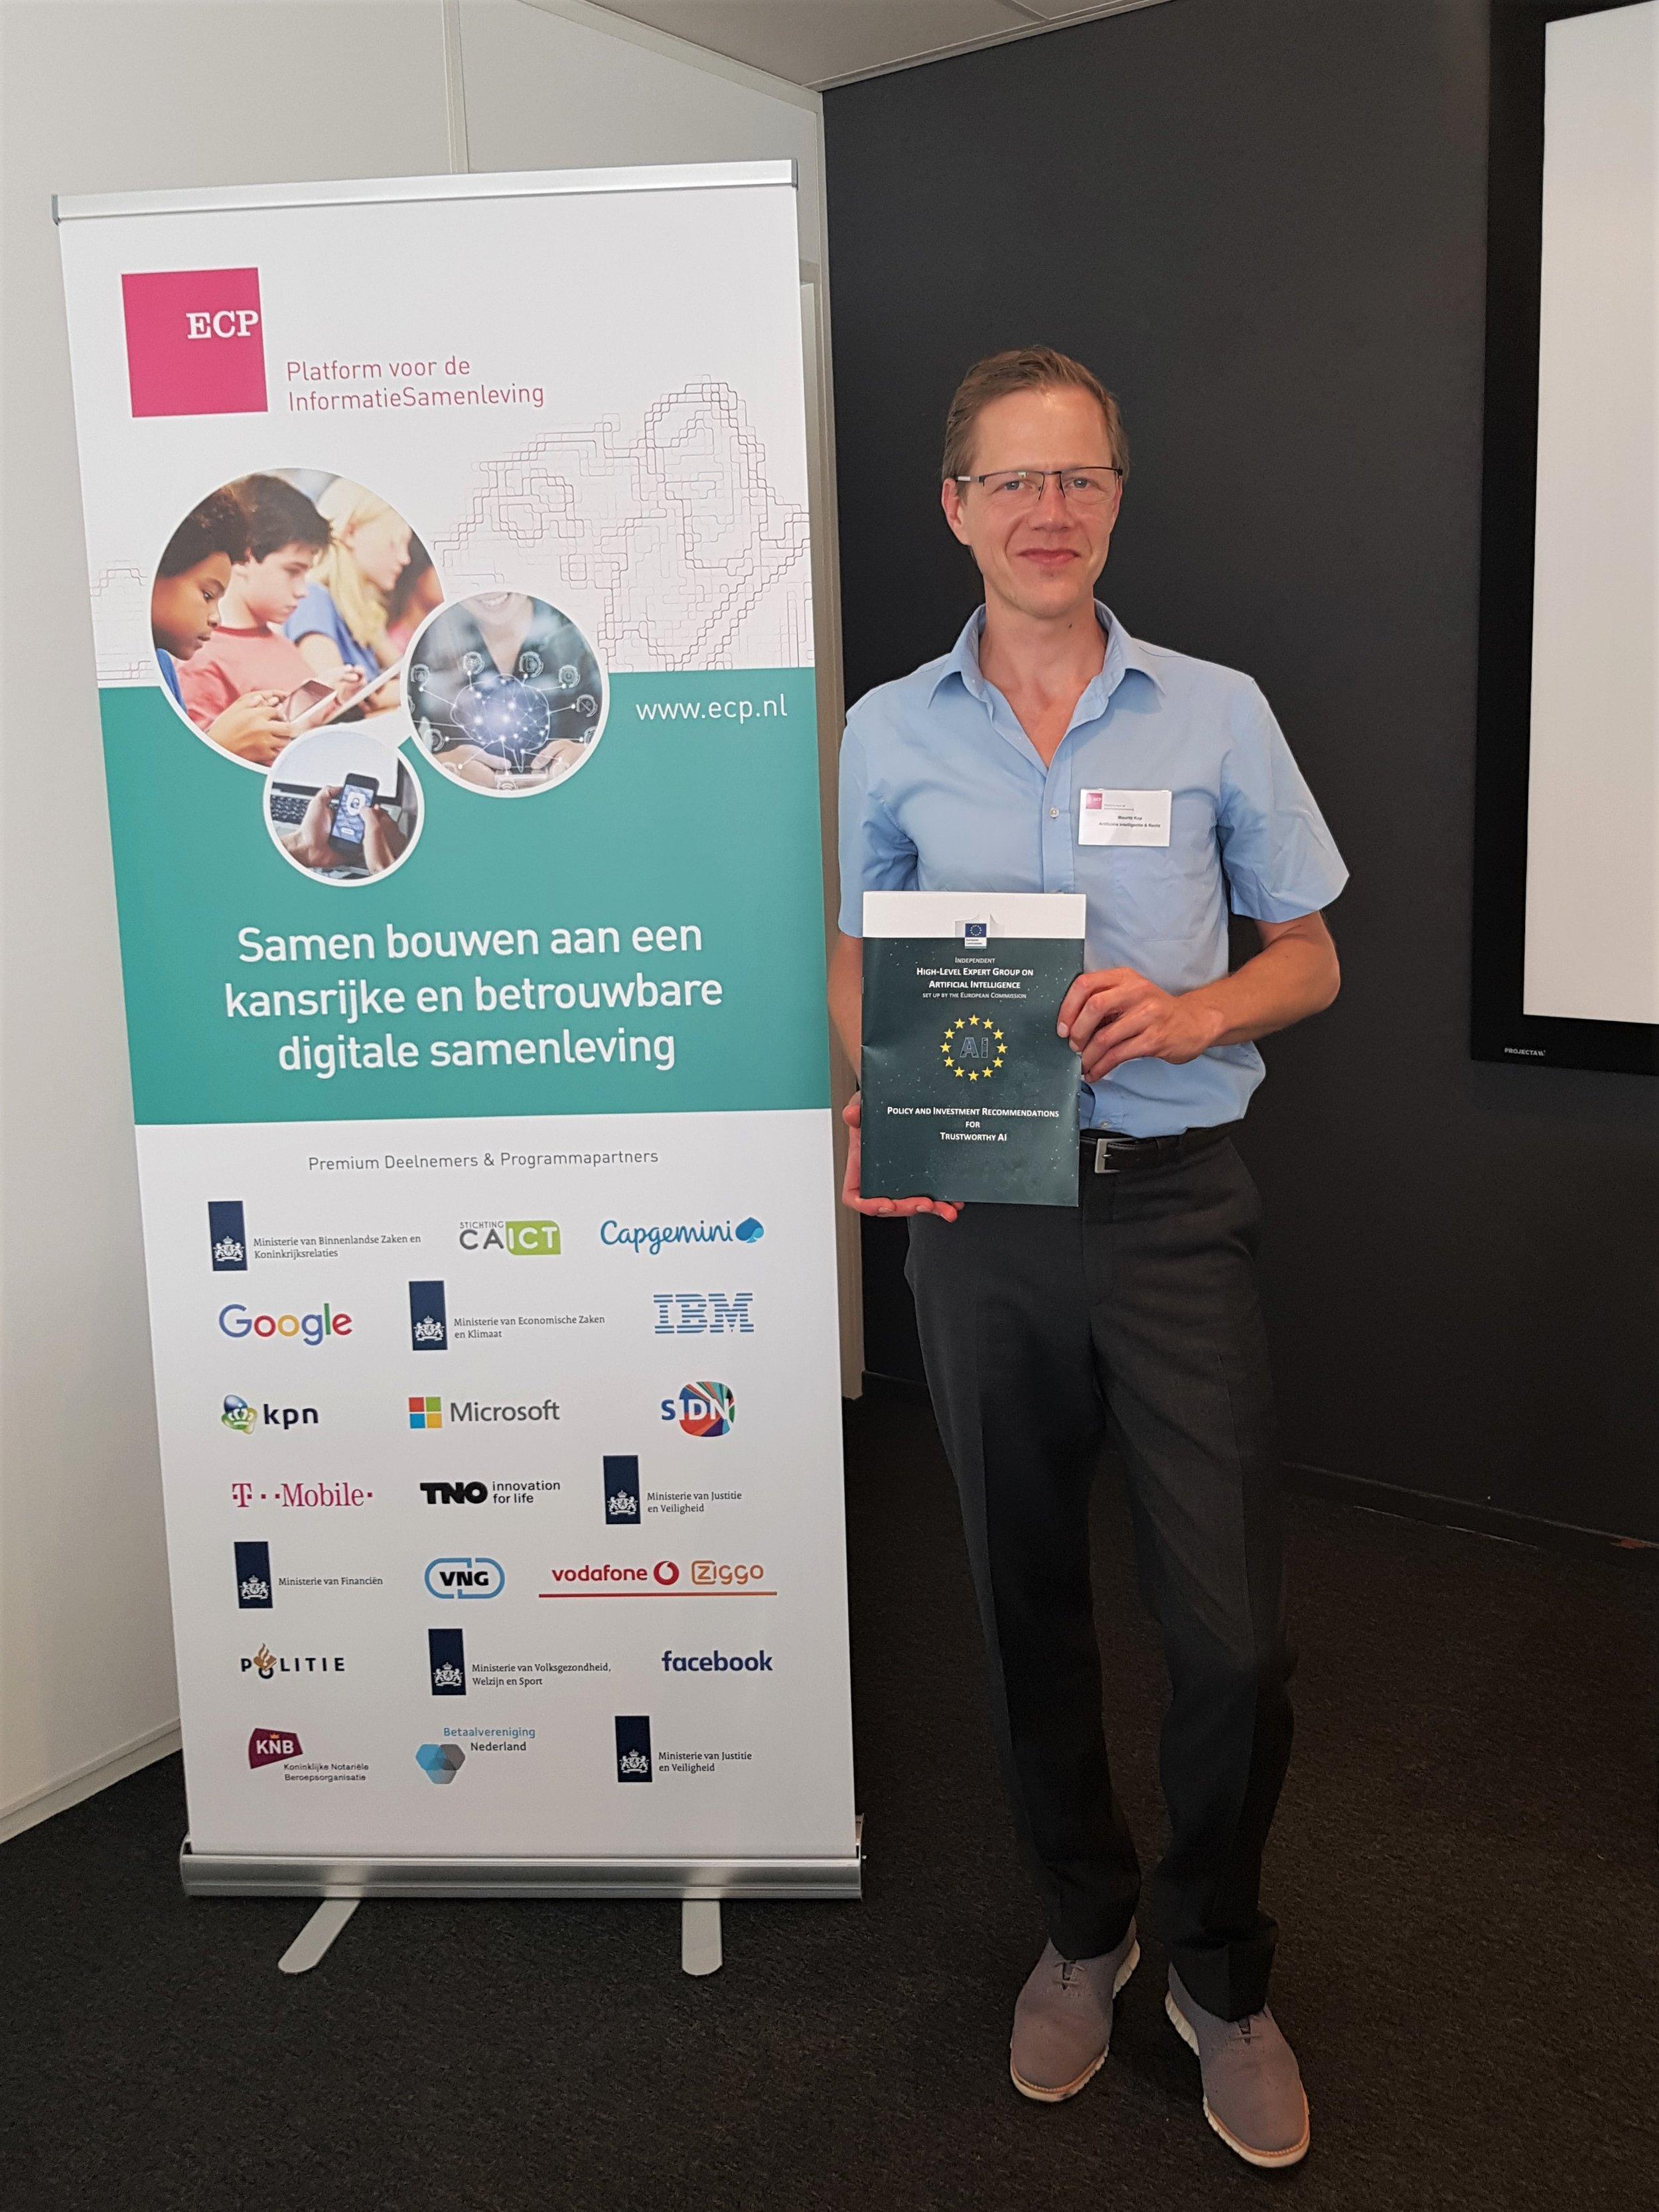 Mauritz Kop  gaf tijdens het Platform ECP event 'Transparantie en uitlegbaarheid van AI algoritmes' een korte presentatie over de eerste Europese AI Alliance Conferentie in Brussel.